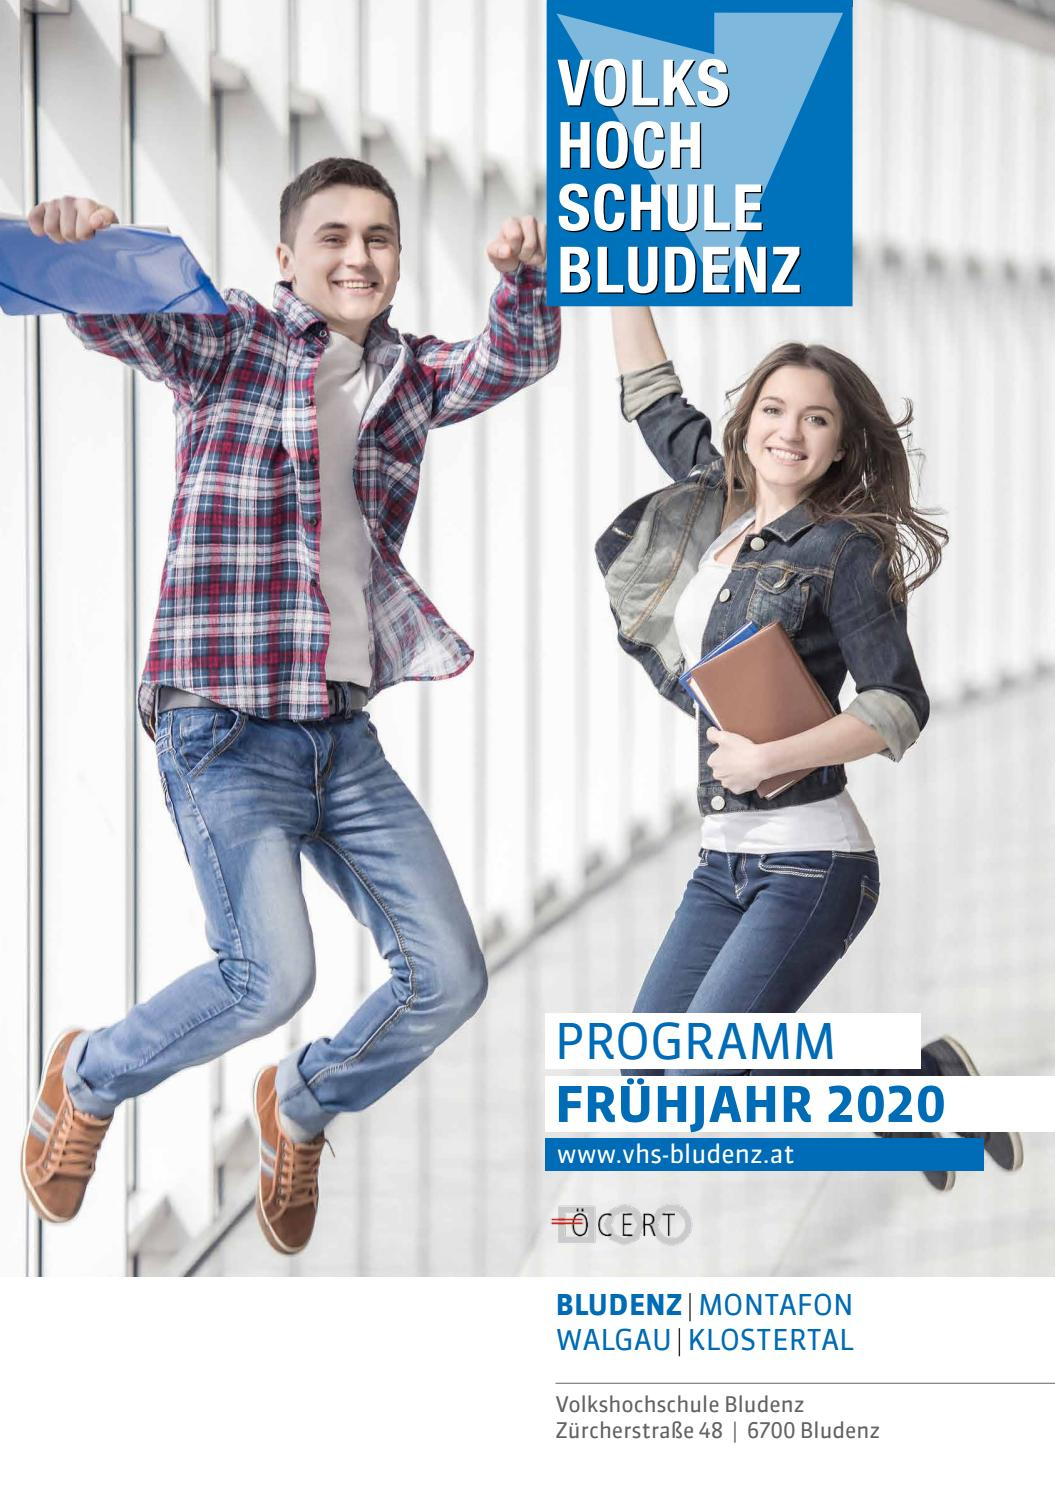 single in Bludenz - Bekanntschaften - Partnersuche